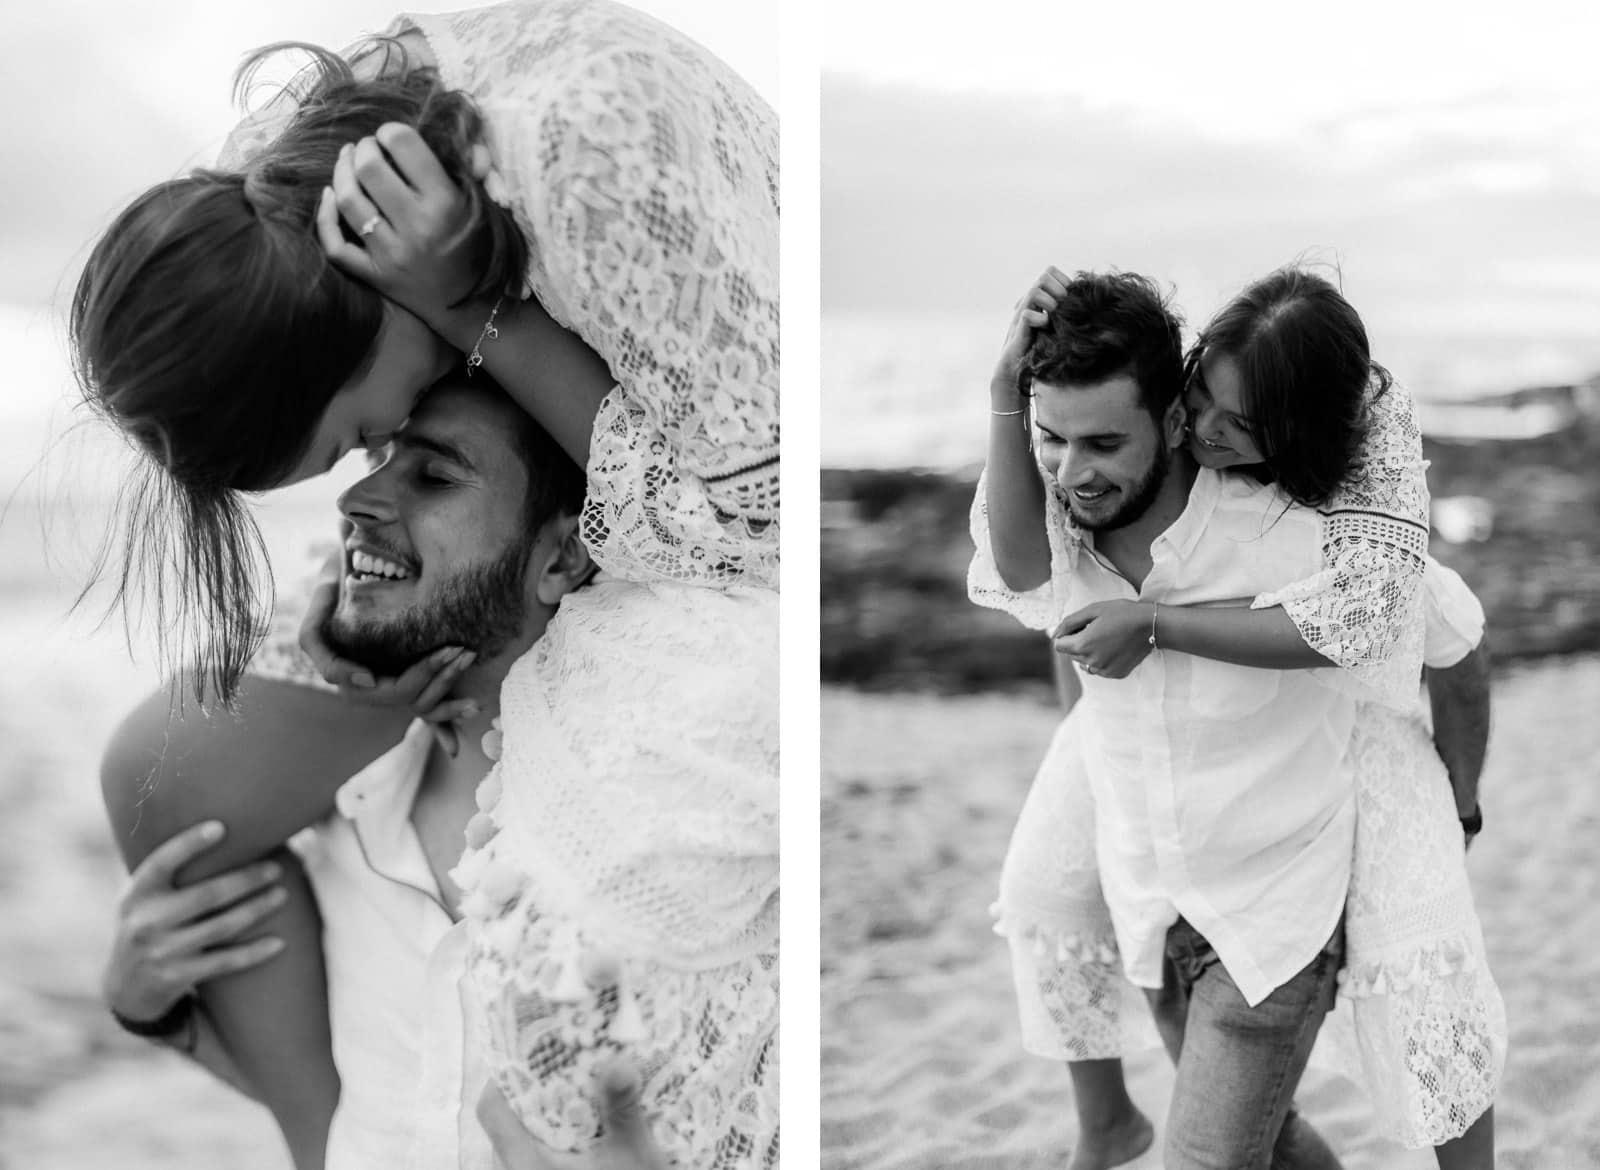 Photographie de Mathieu Dété, photographe de grossesse et naissance à Saint-Leu sur l'île de la Réunion 974, présentant une femme sur les épaules de son homme en noir et blanc